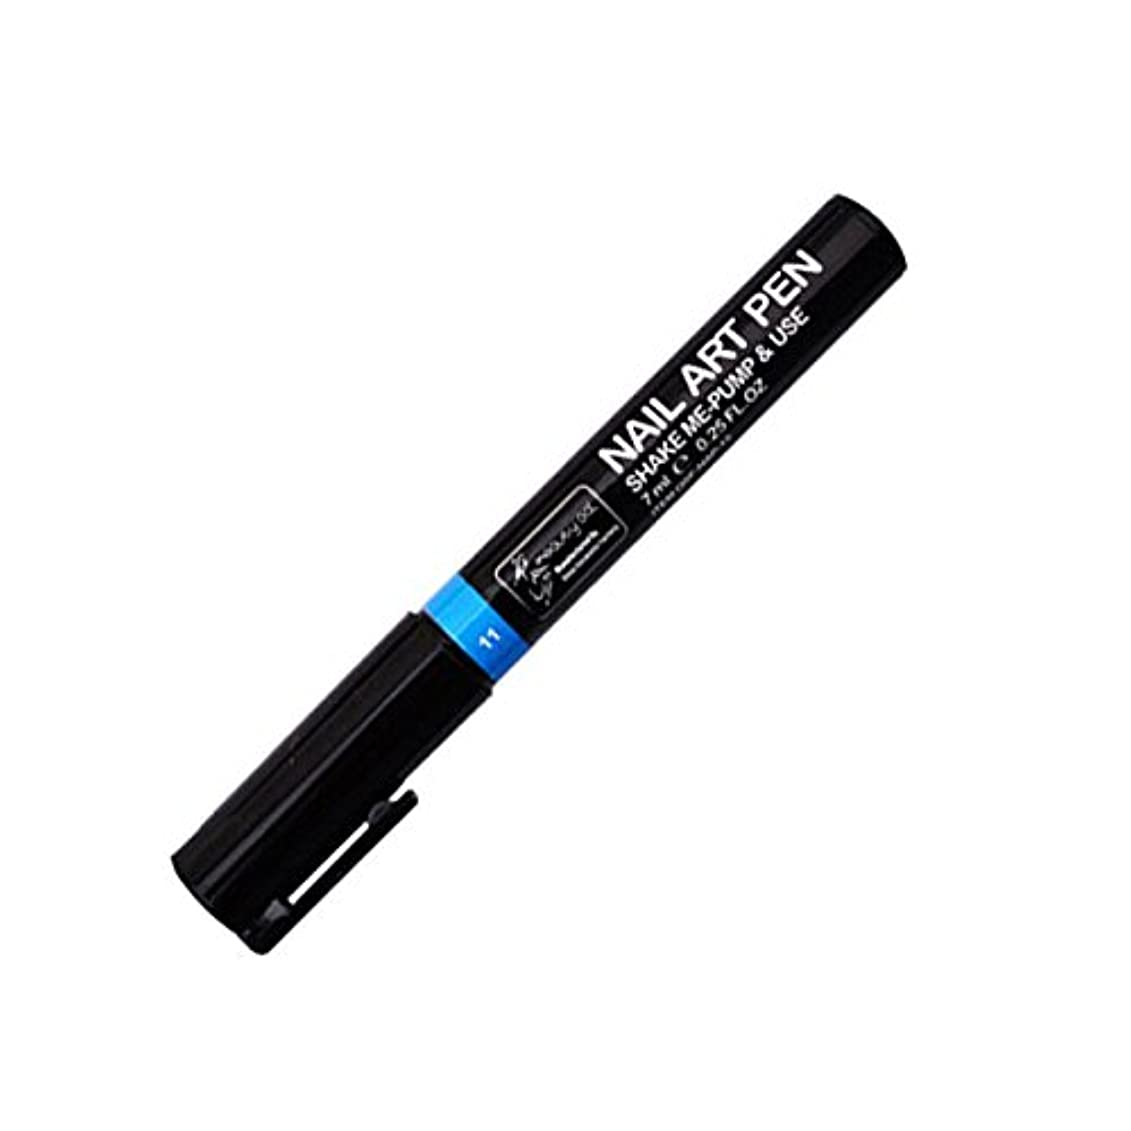 蜜退化するレーダーMIRAIS ネイルアートペン 全16色 セルフネイル フレンチ マニキュア ペン 3Dネイル ペイント メイク 美容用品 (11.スカイブルー) MR-NAILPEN-11